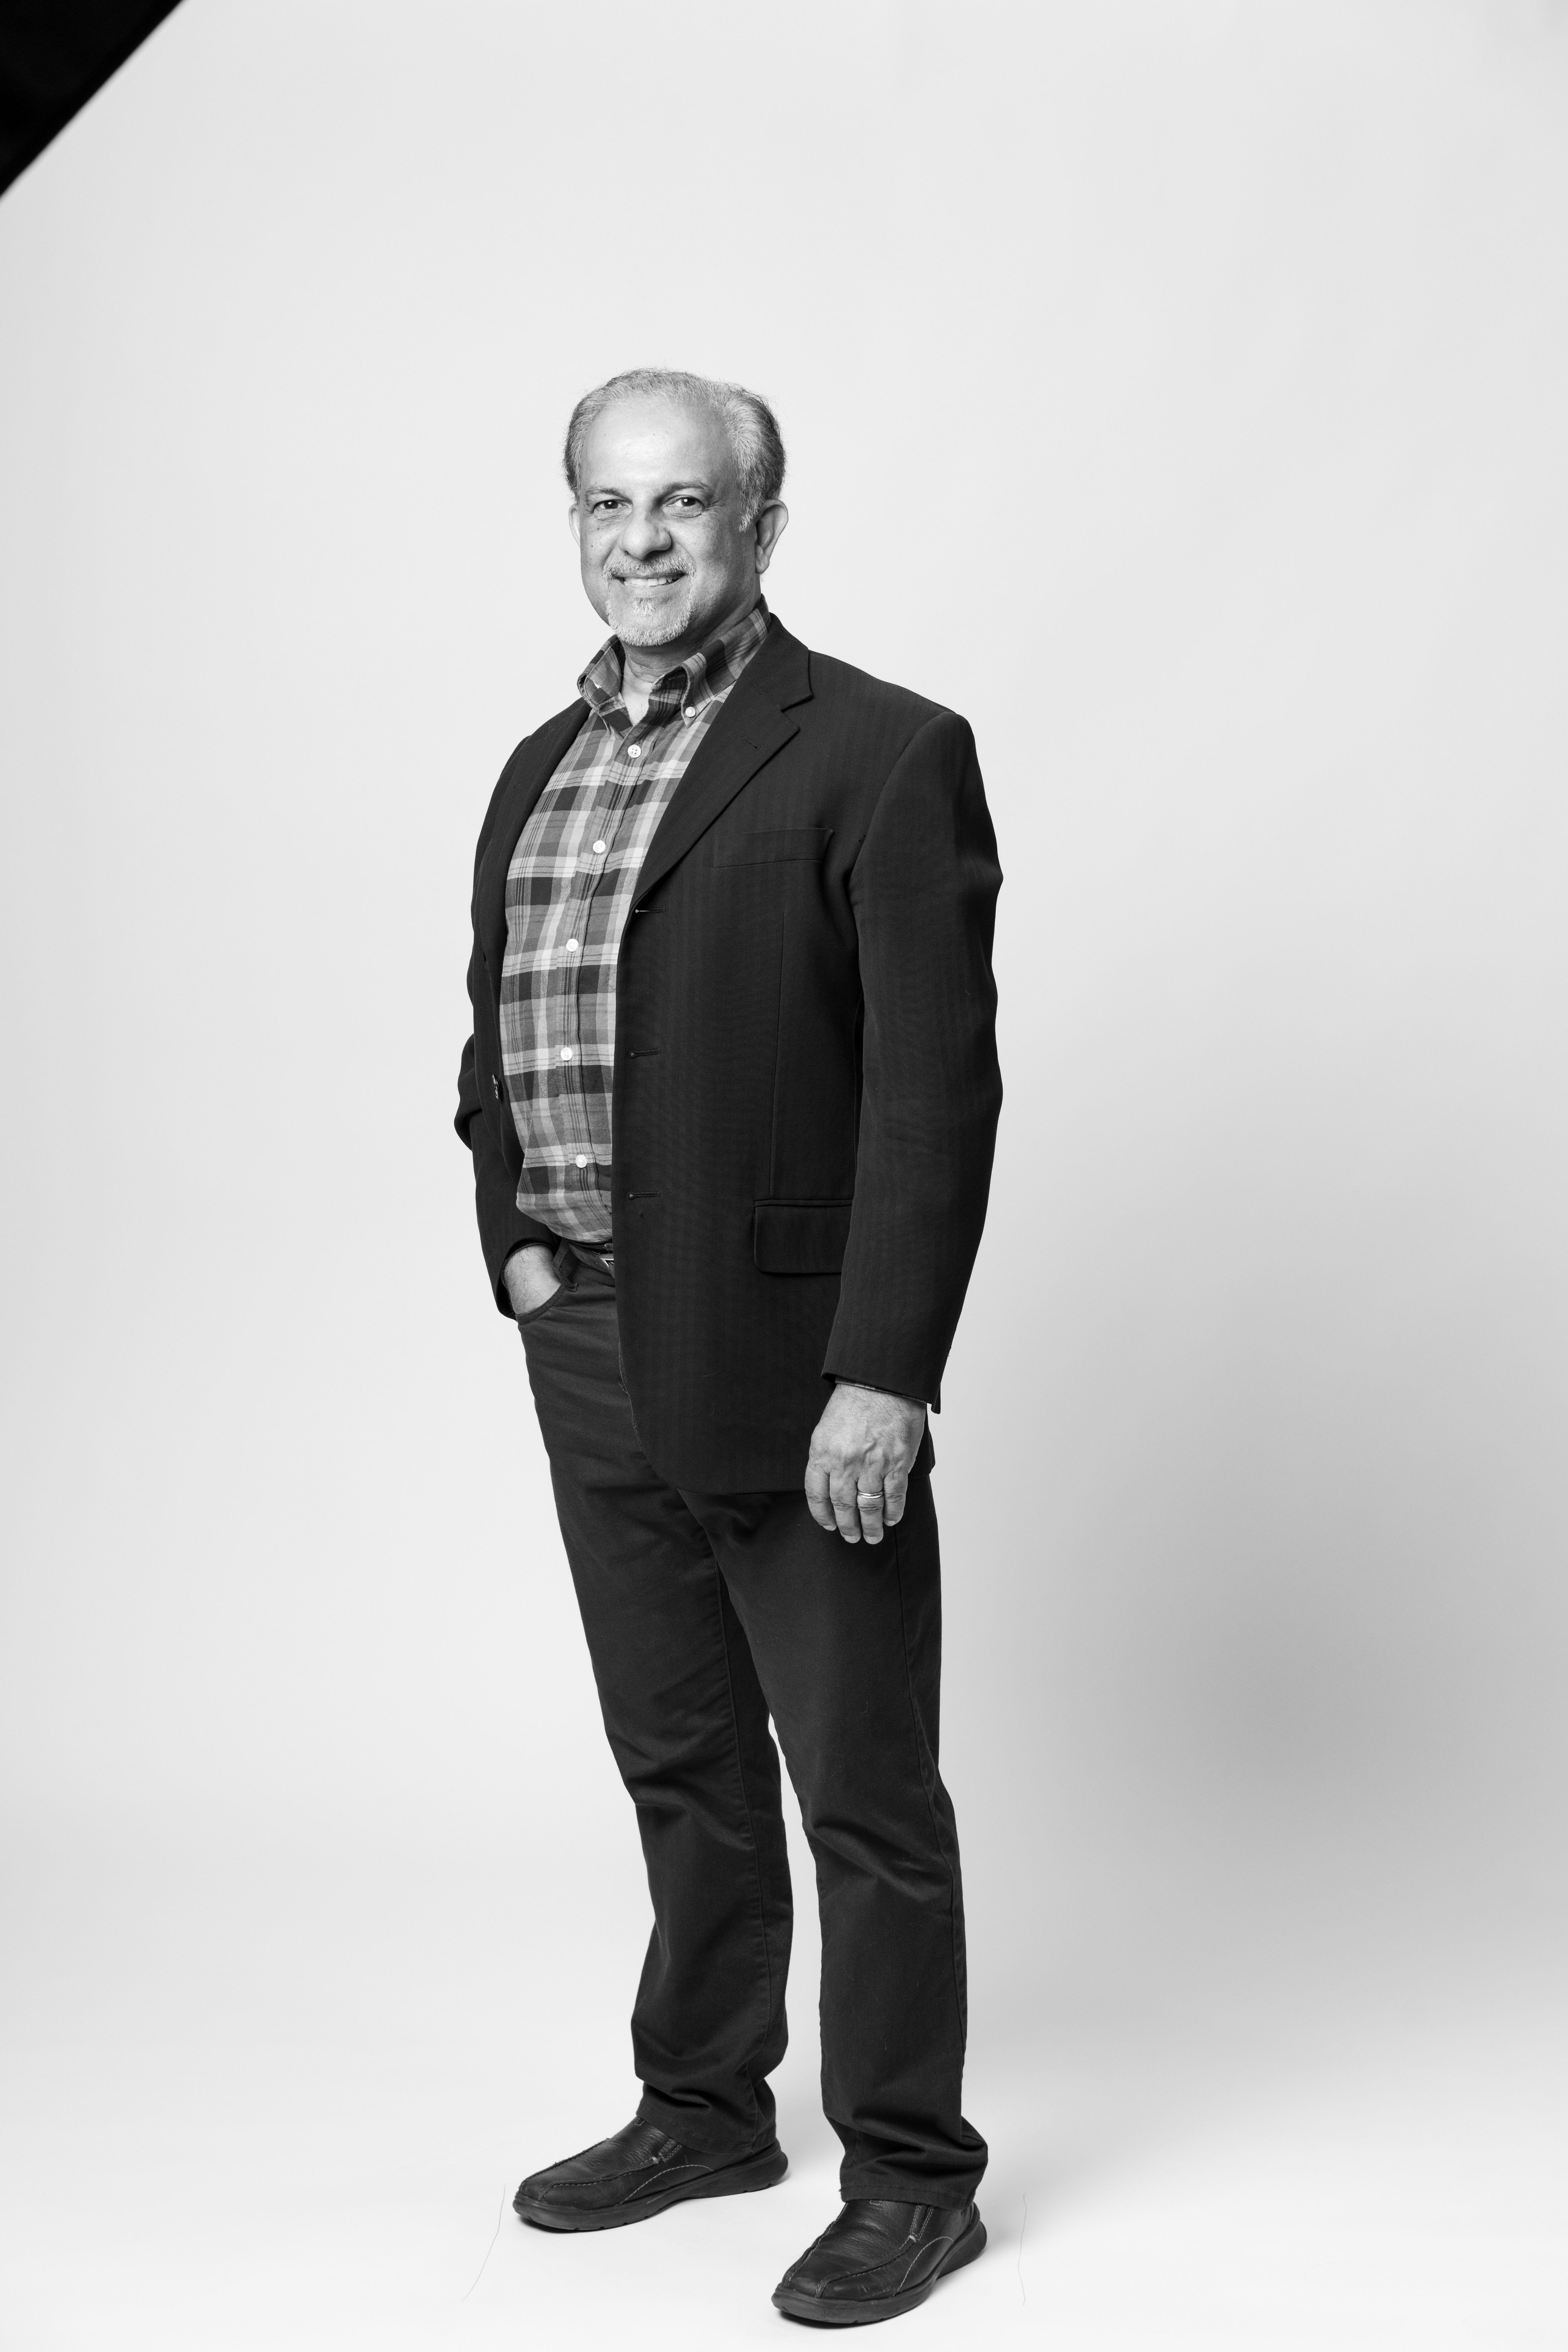 Marco Rengan